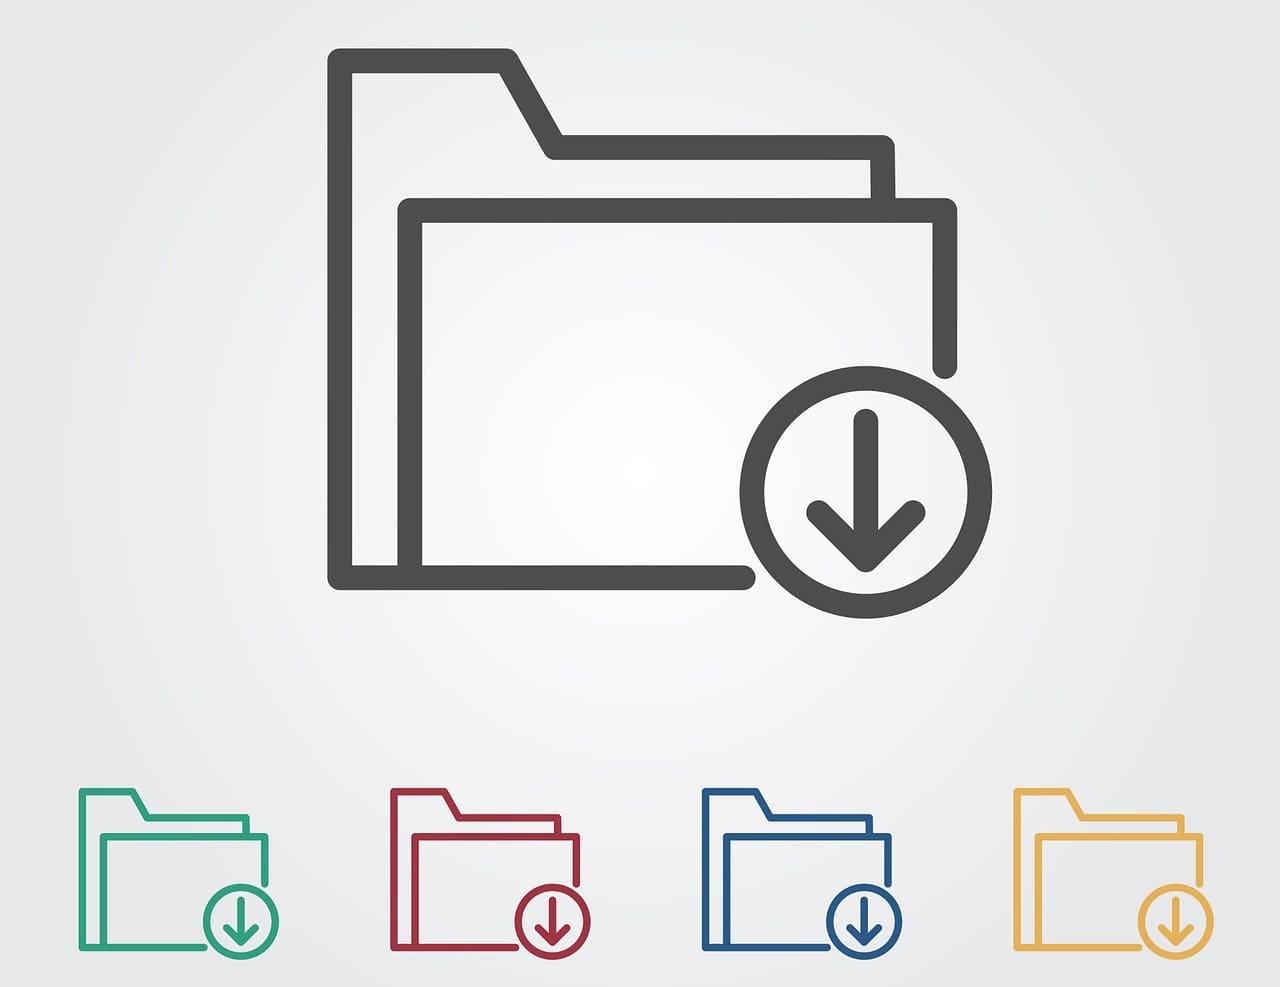 ダウンロードファイルの保存先を指定のフォルダへ変更する方法【Windows10&Mac共通】